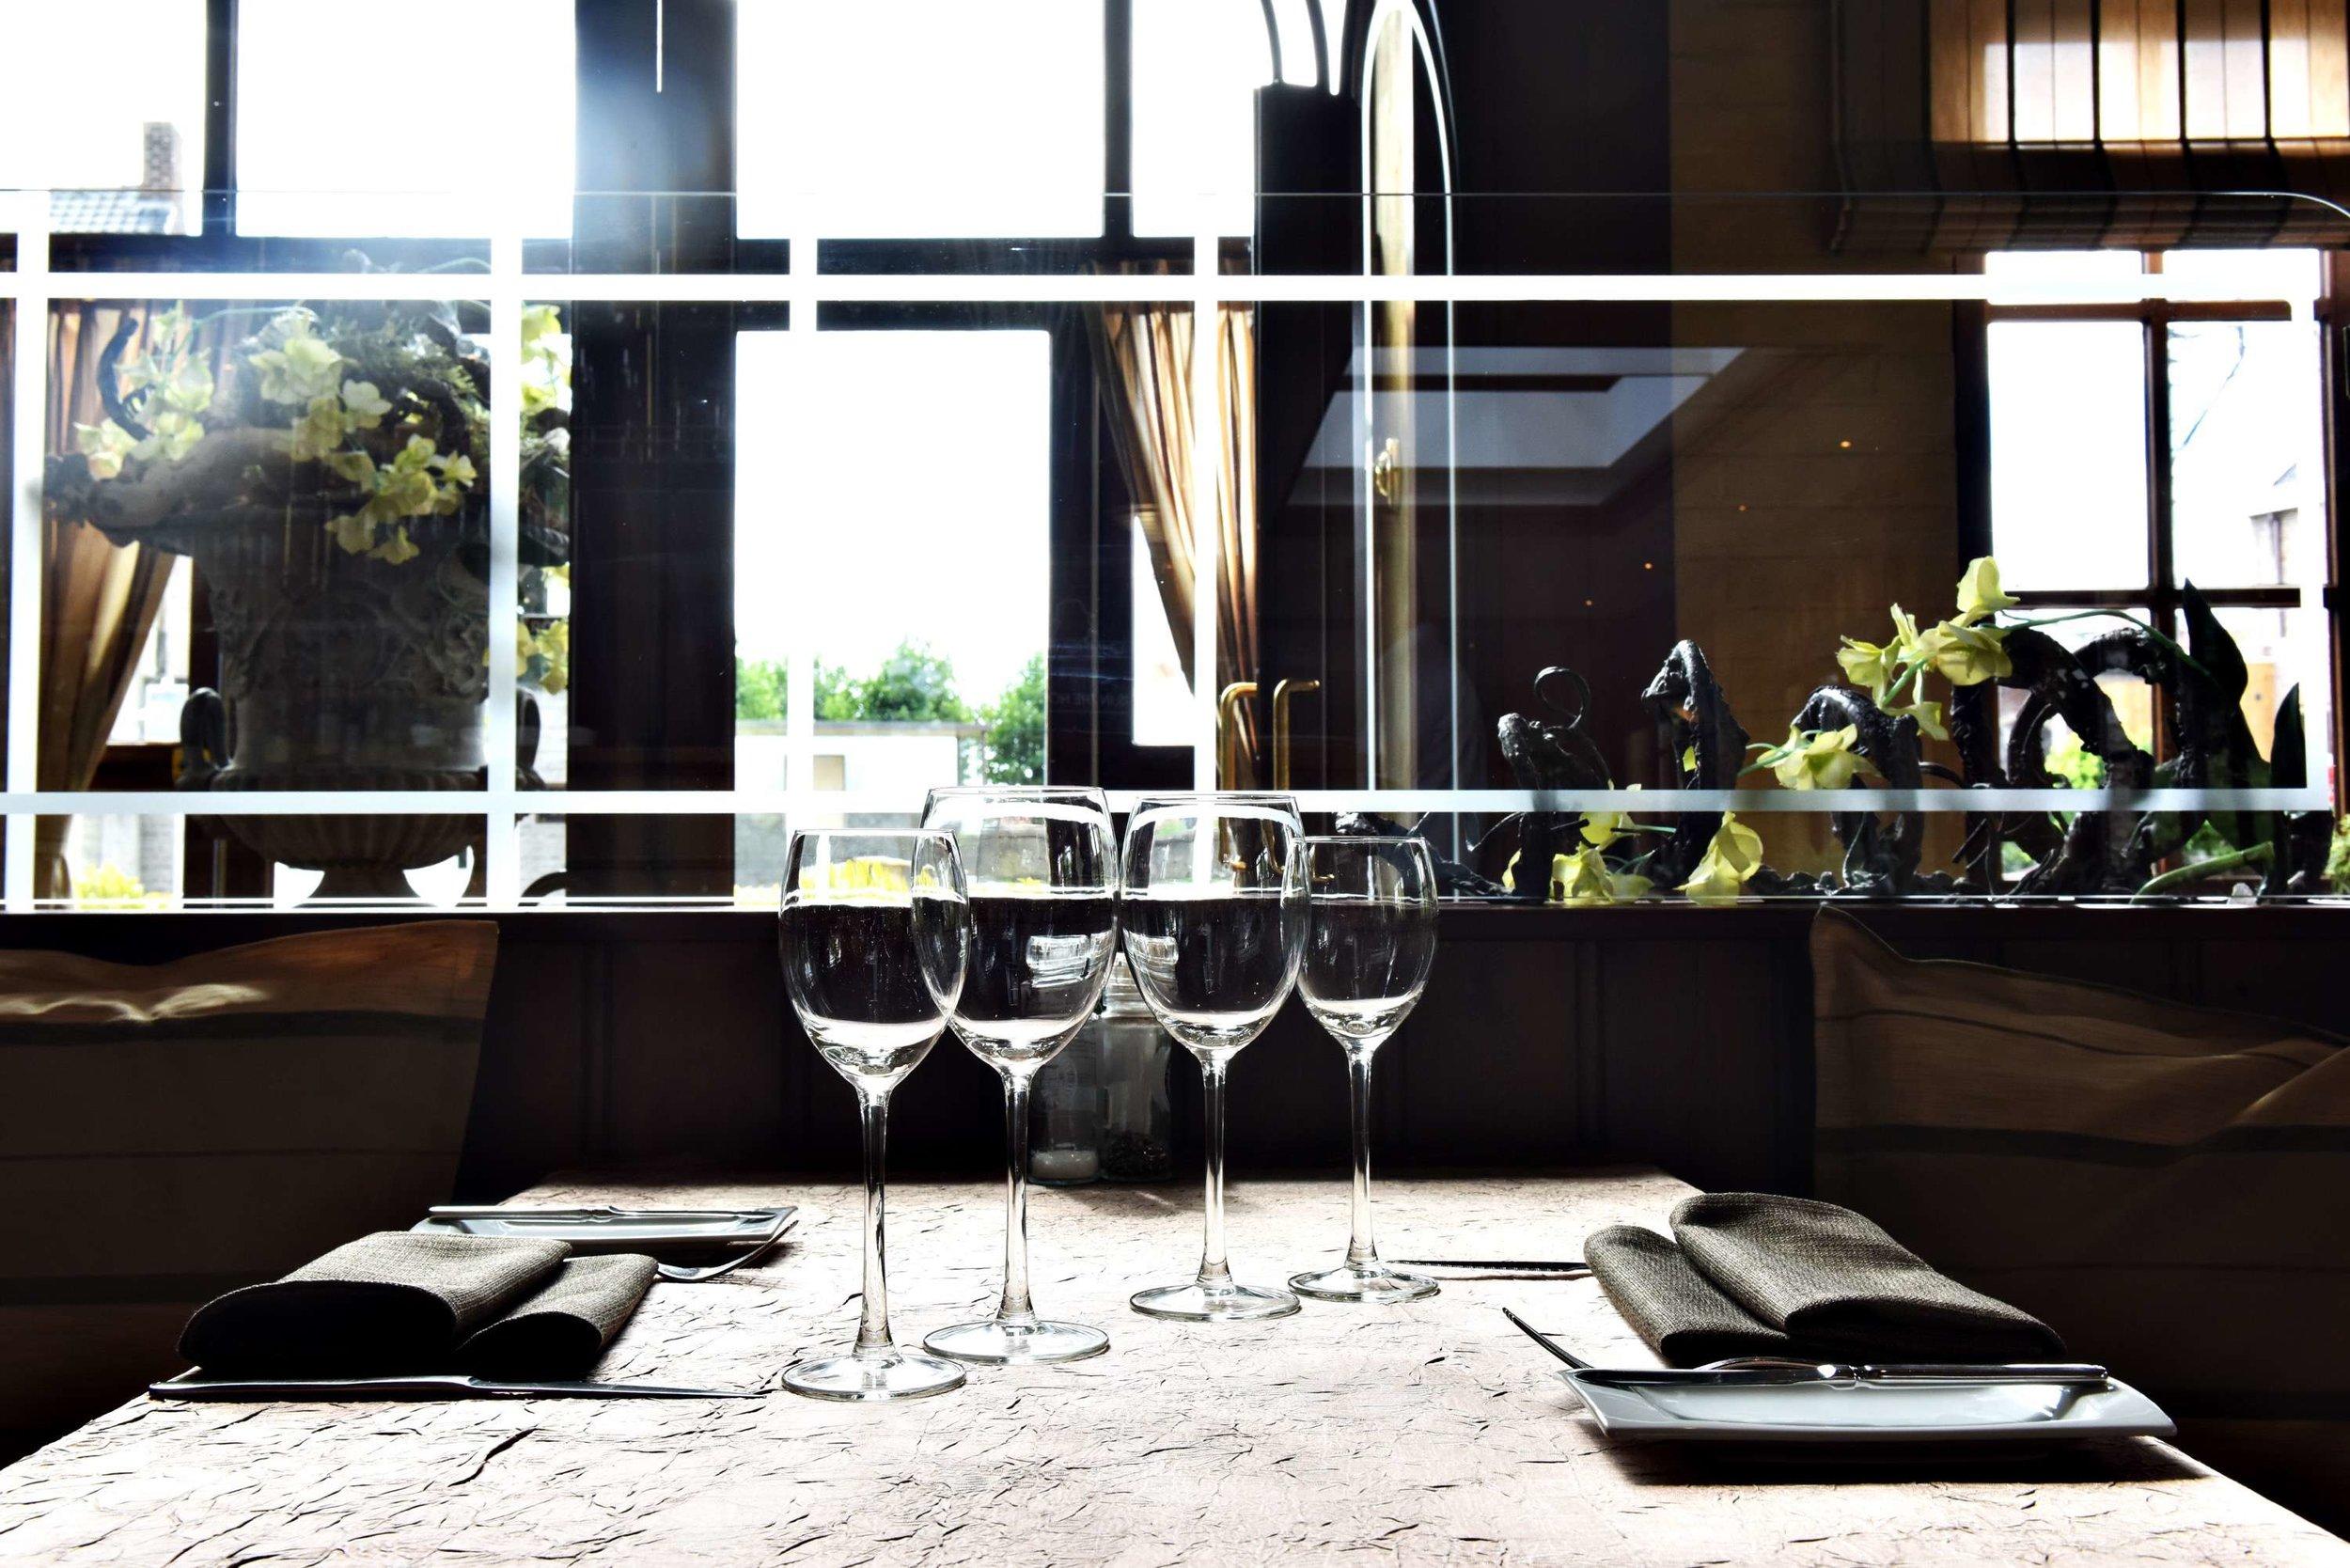 terras feestzaal au beau jardin rekkem restaurant feestzaal brasserie rekkem menen tablefever bart albrecht 18.jpg